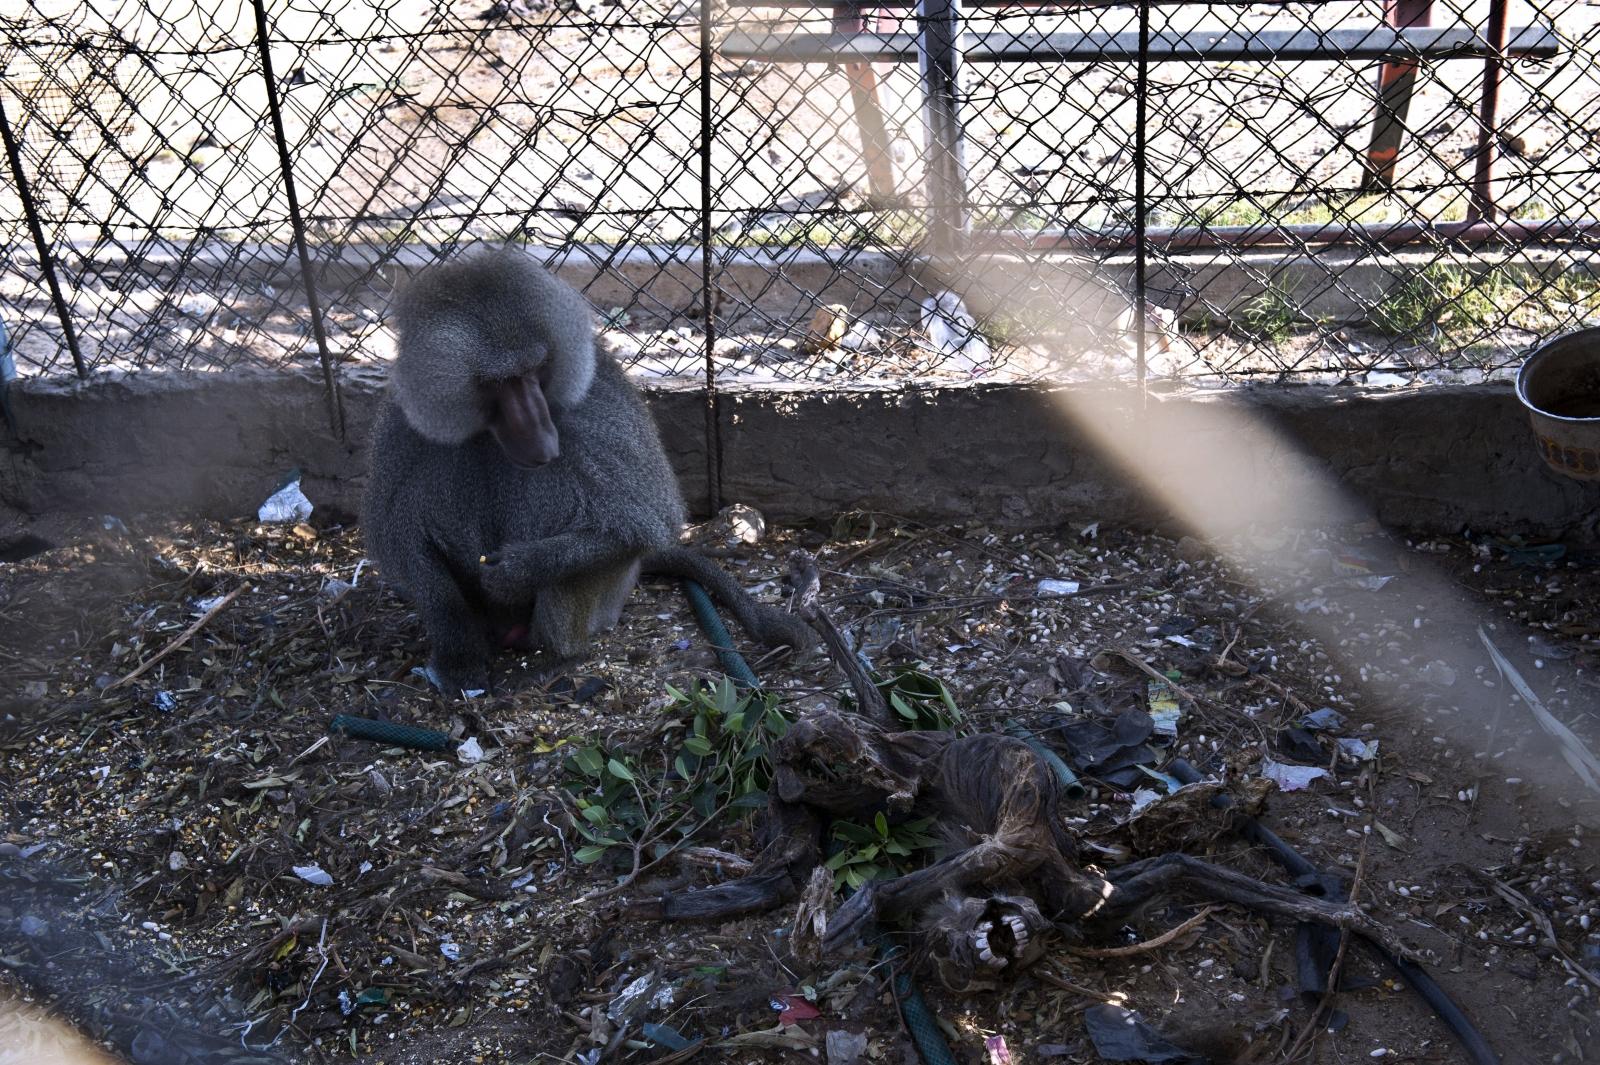 Gaza zoo